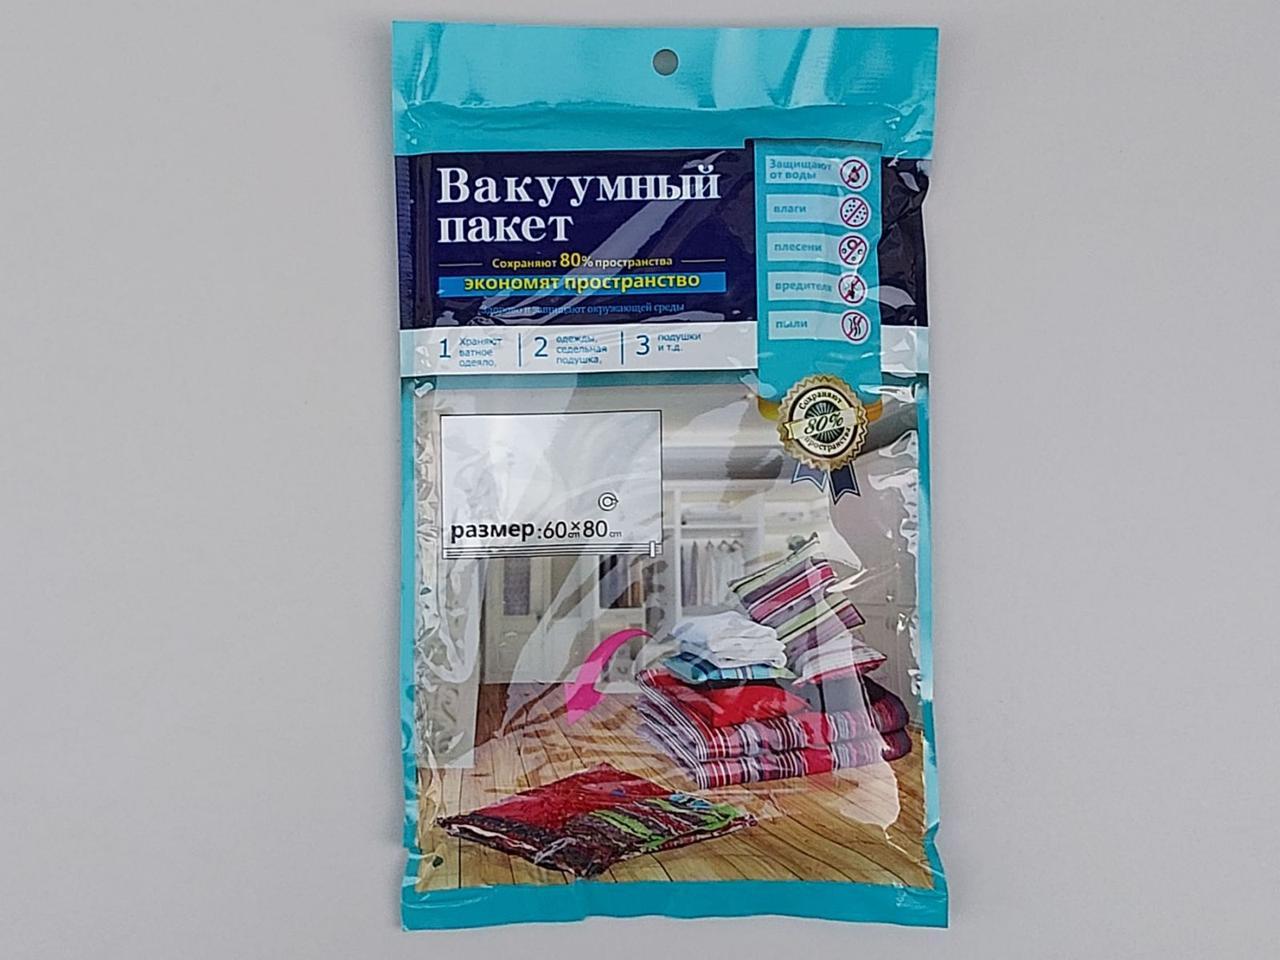 Вакуумный пакет с клапаном для упаковки и хранения одежды. Размер 60*80 см